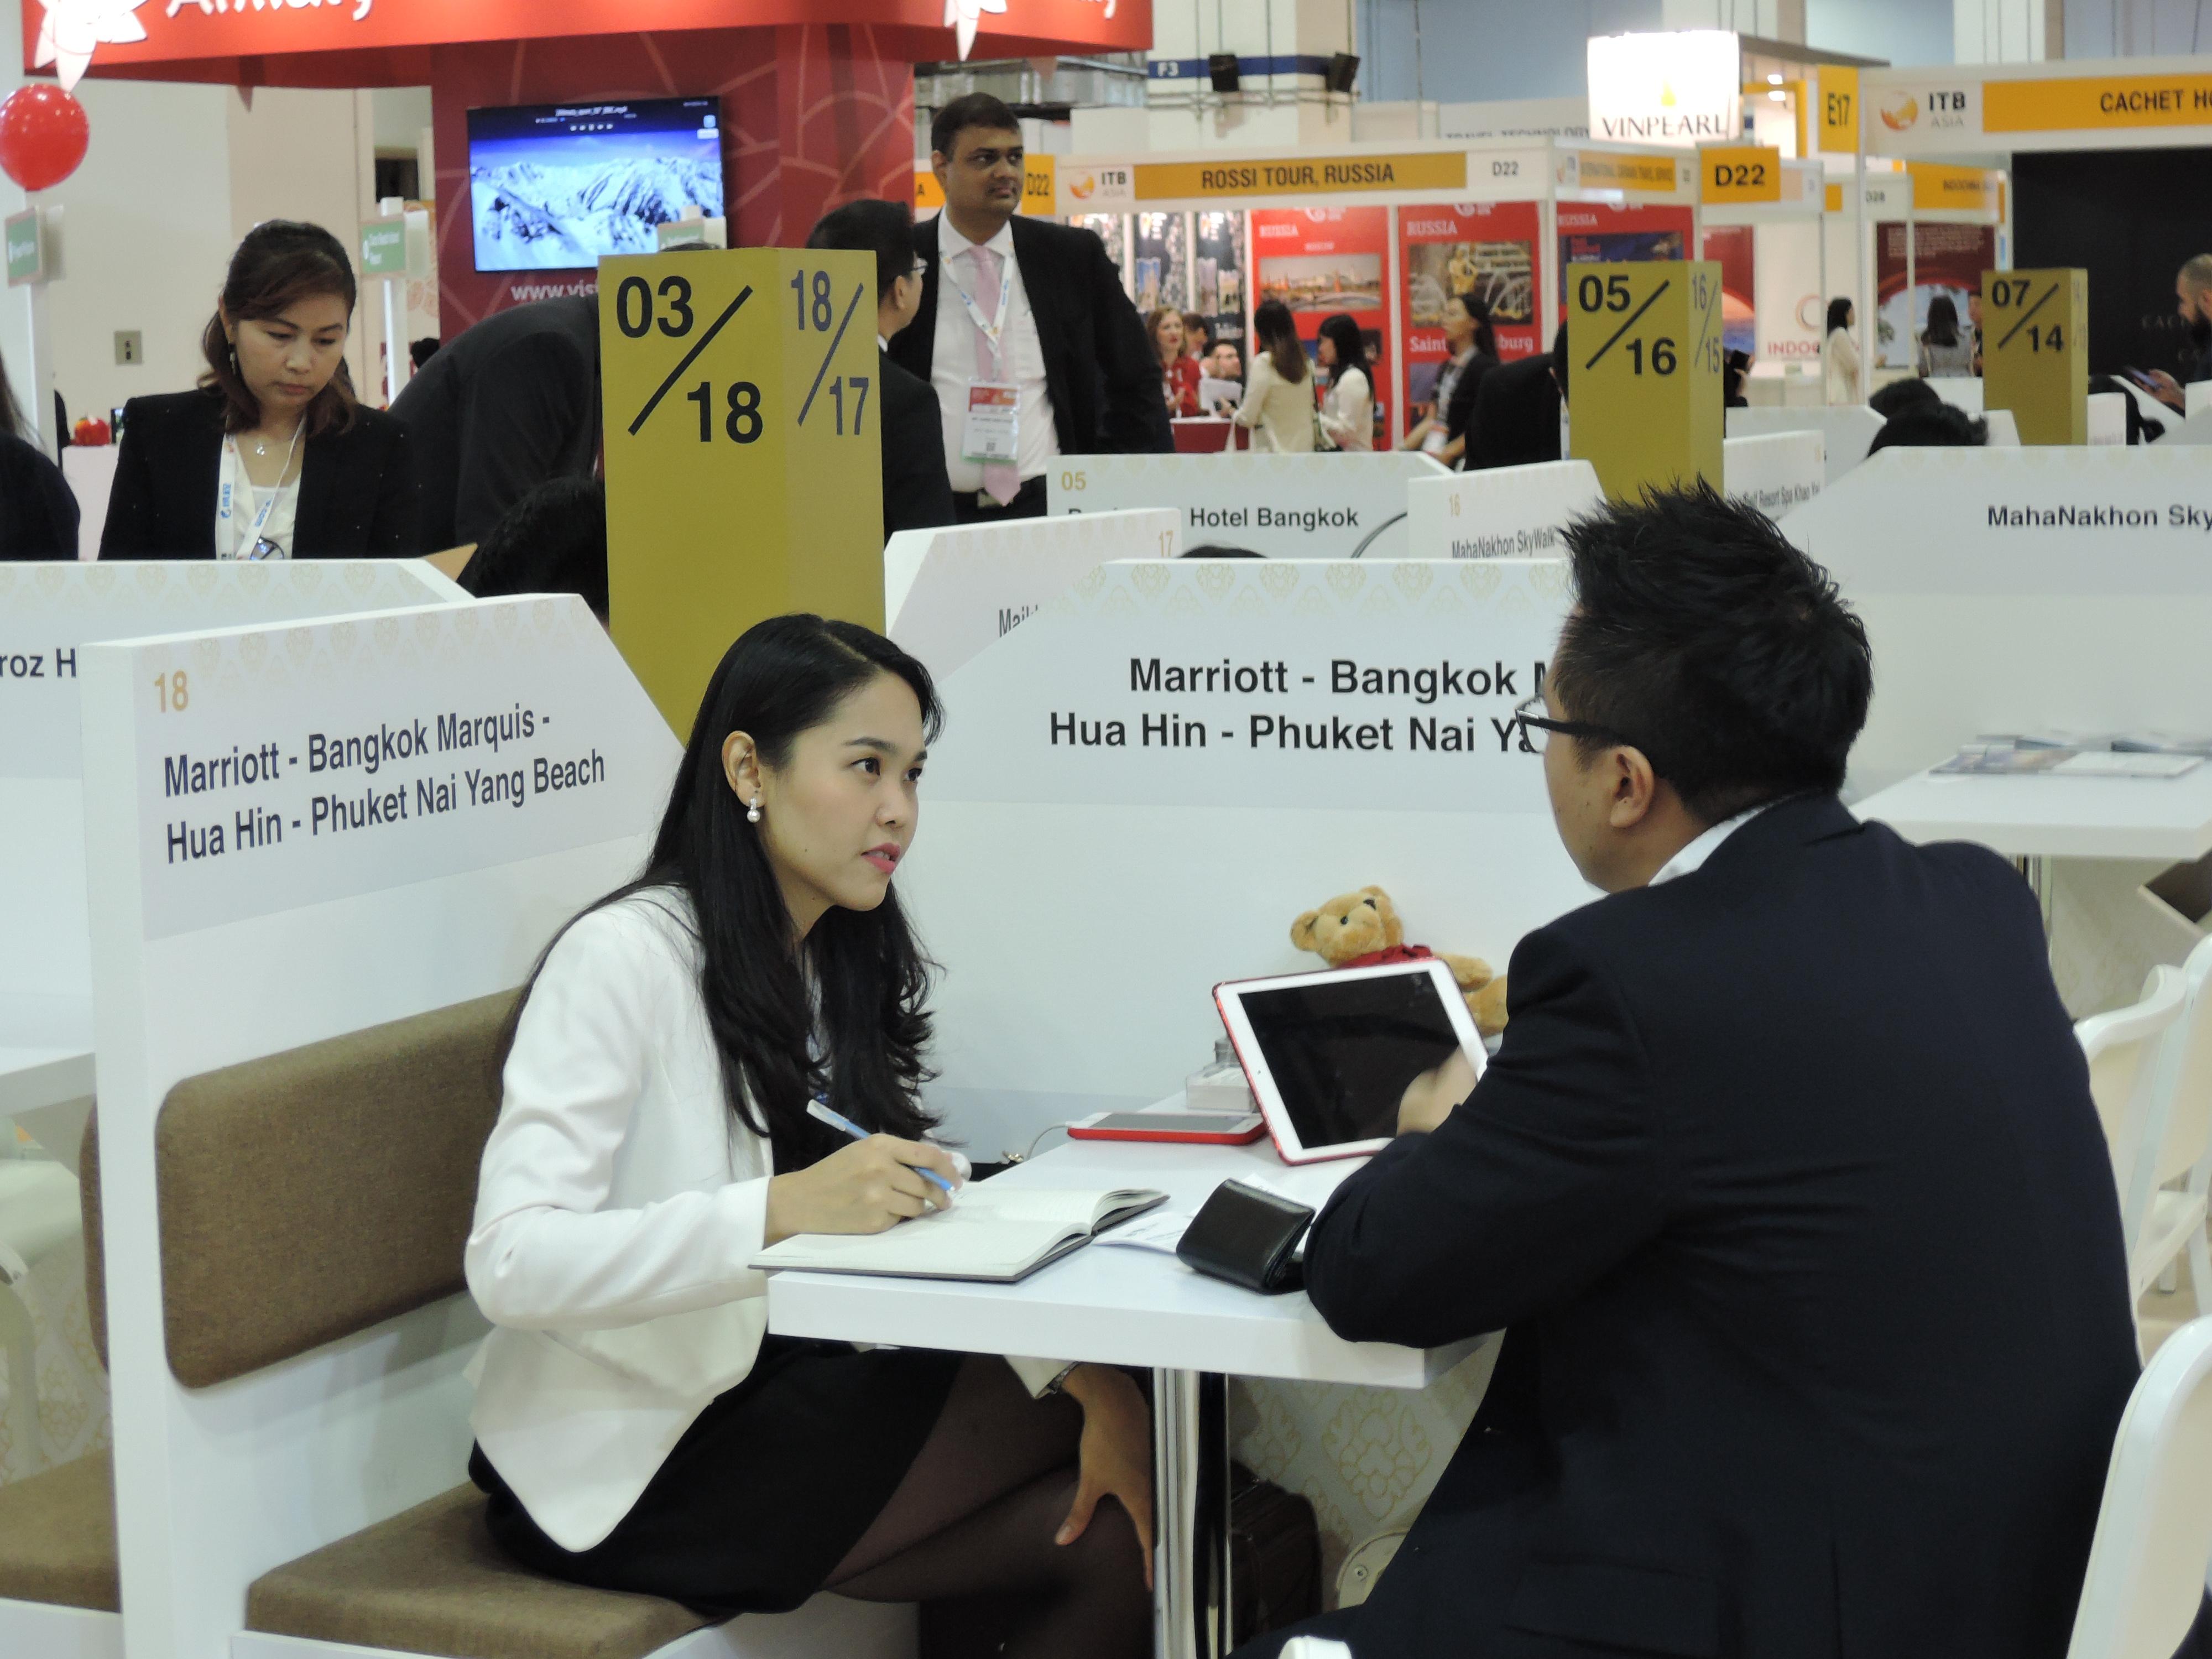 ททท ประเทศไทย ผู้ประกอบการไทย